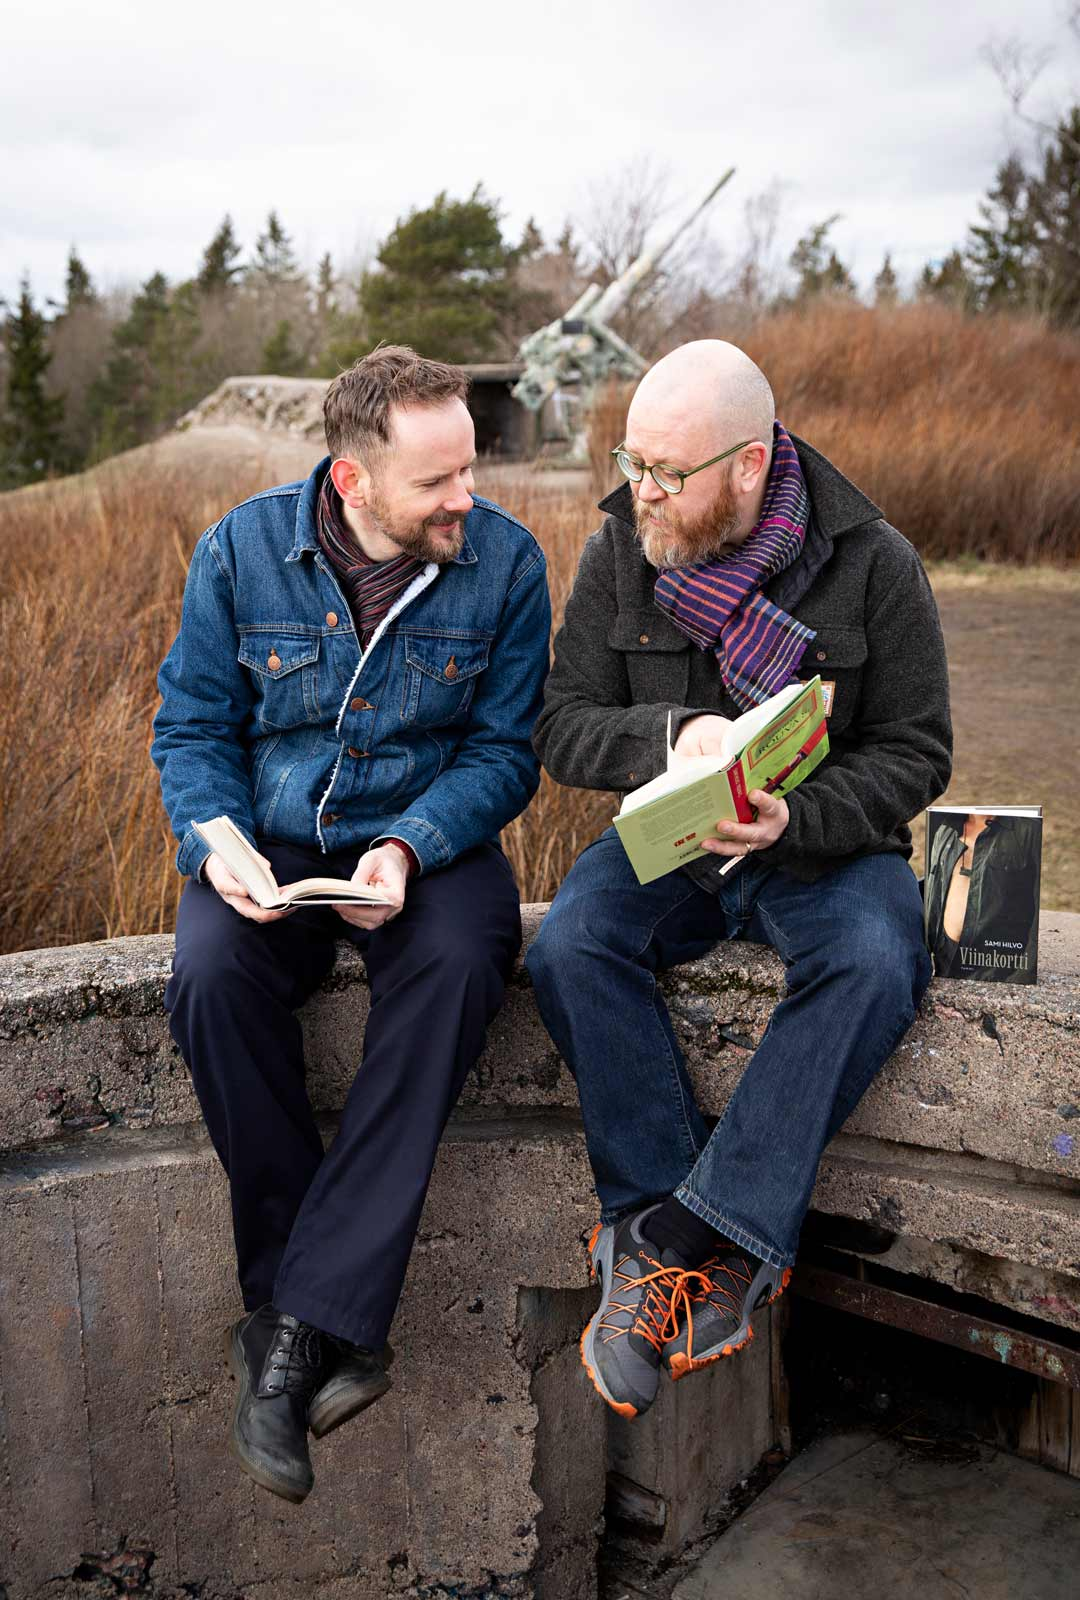 Kirja ja suomen kieli yhdistivät Marekin ja Samin. Suomi on alusta pitäen ollut heidän kotikielensä.